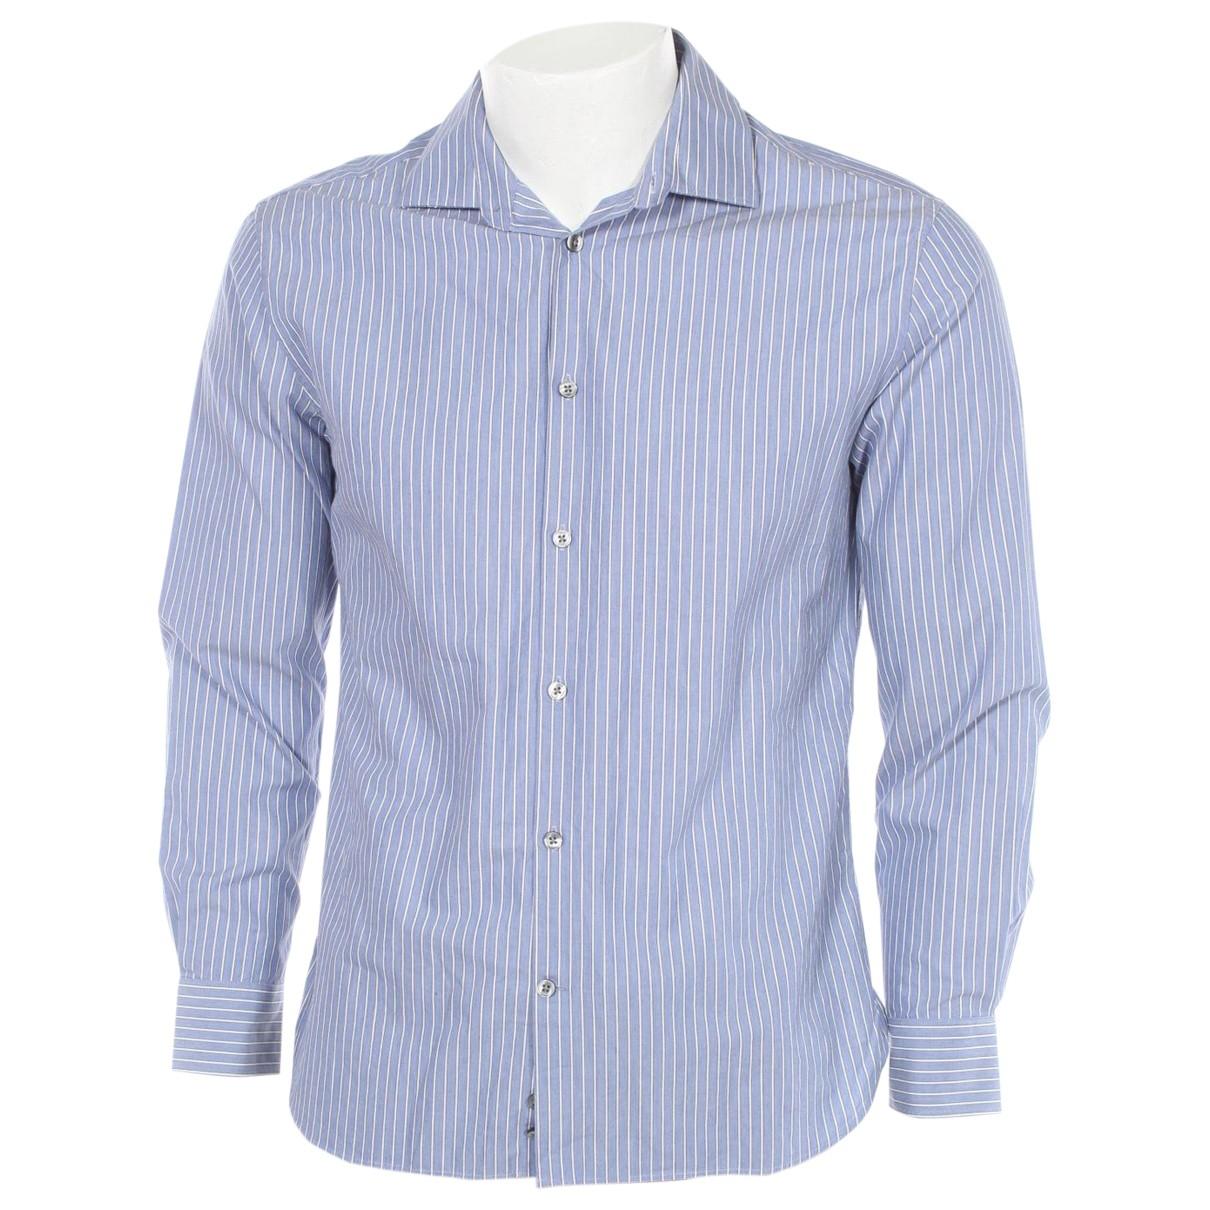 John Varvatos \N Blue Cotton Shirts for Men 15.5 UK - US (tour de cou / collar)